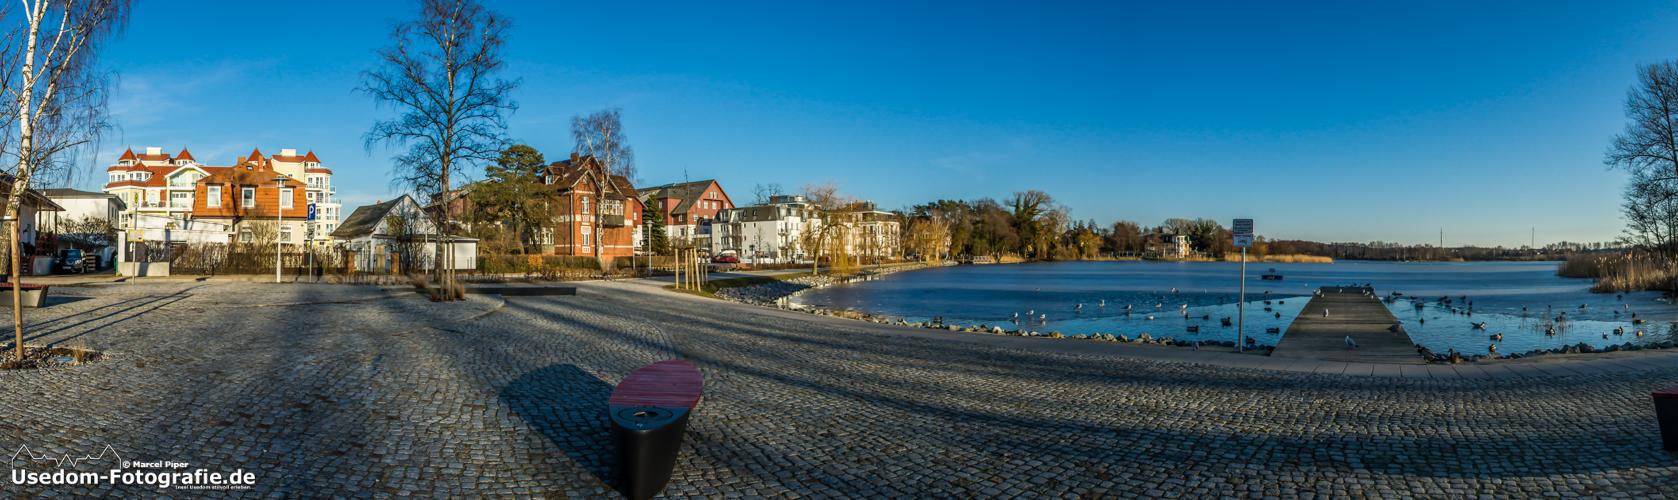 Bansin Promenade am Schloonsee